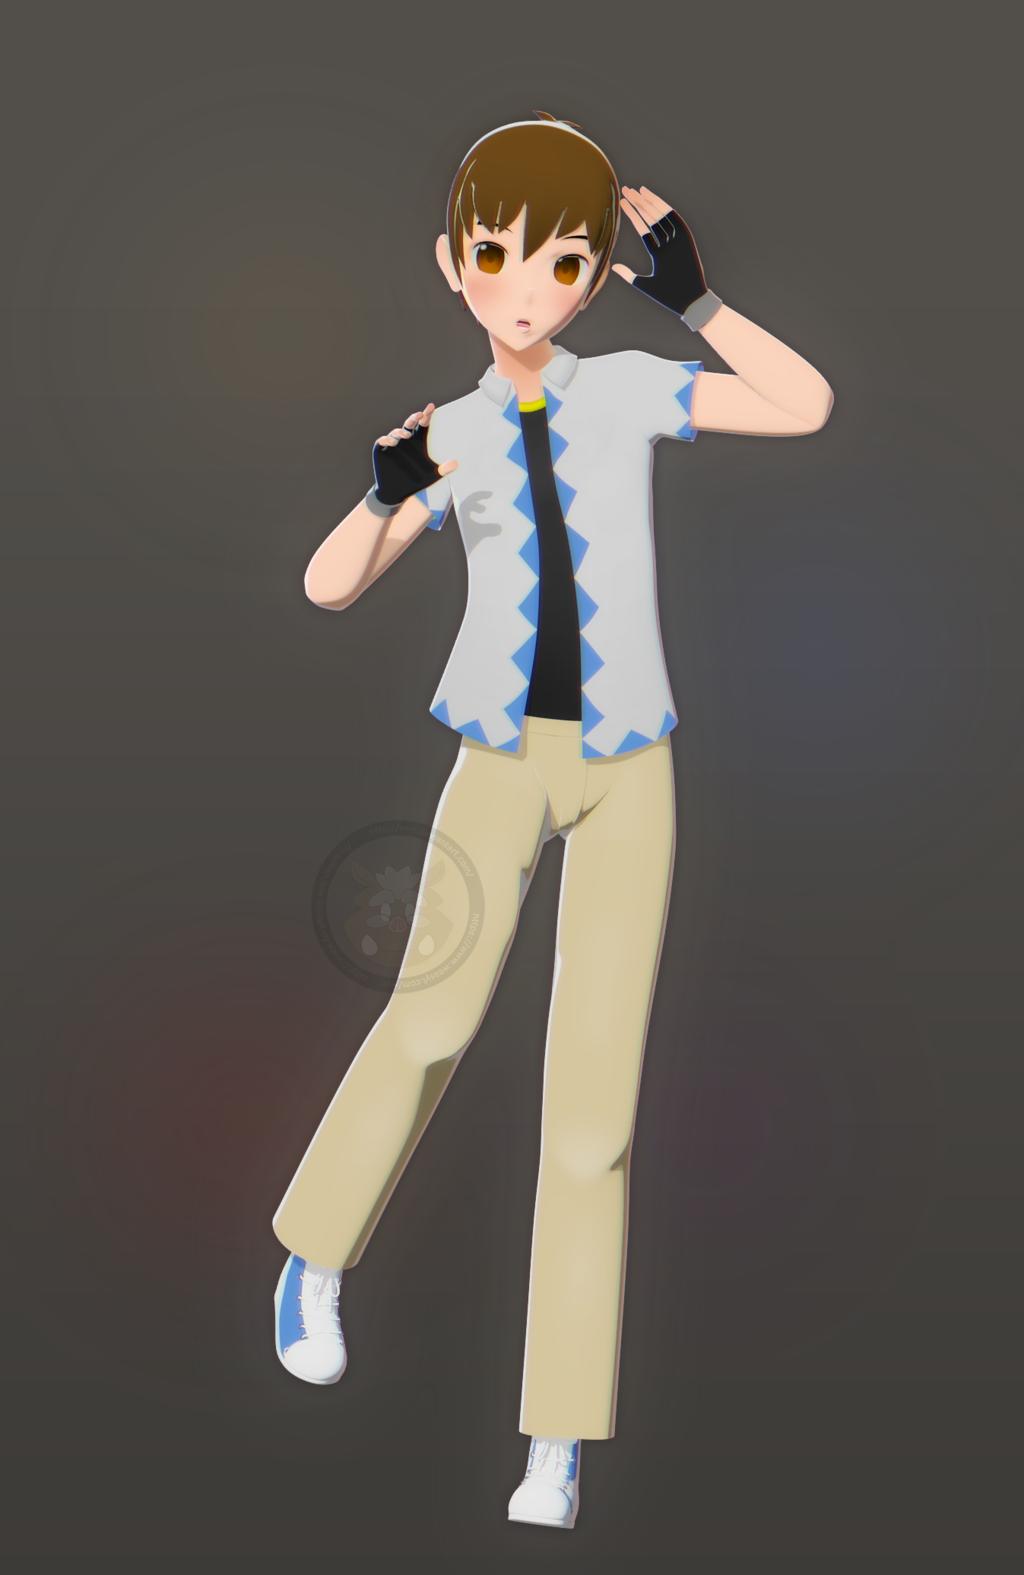 [3DA] Hey Look A Boy